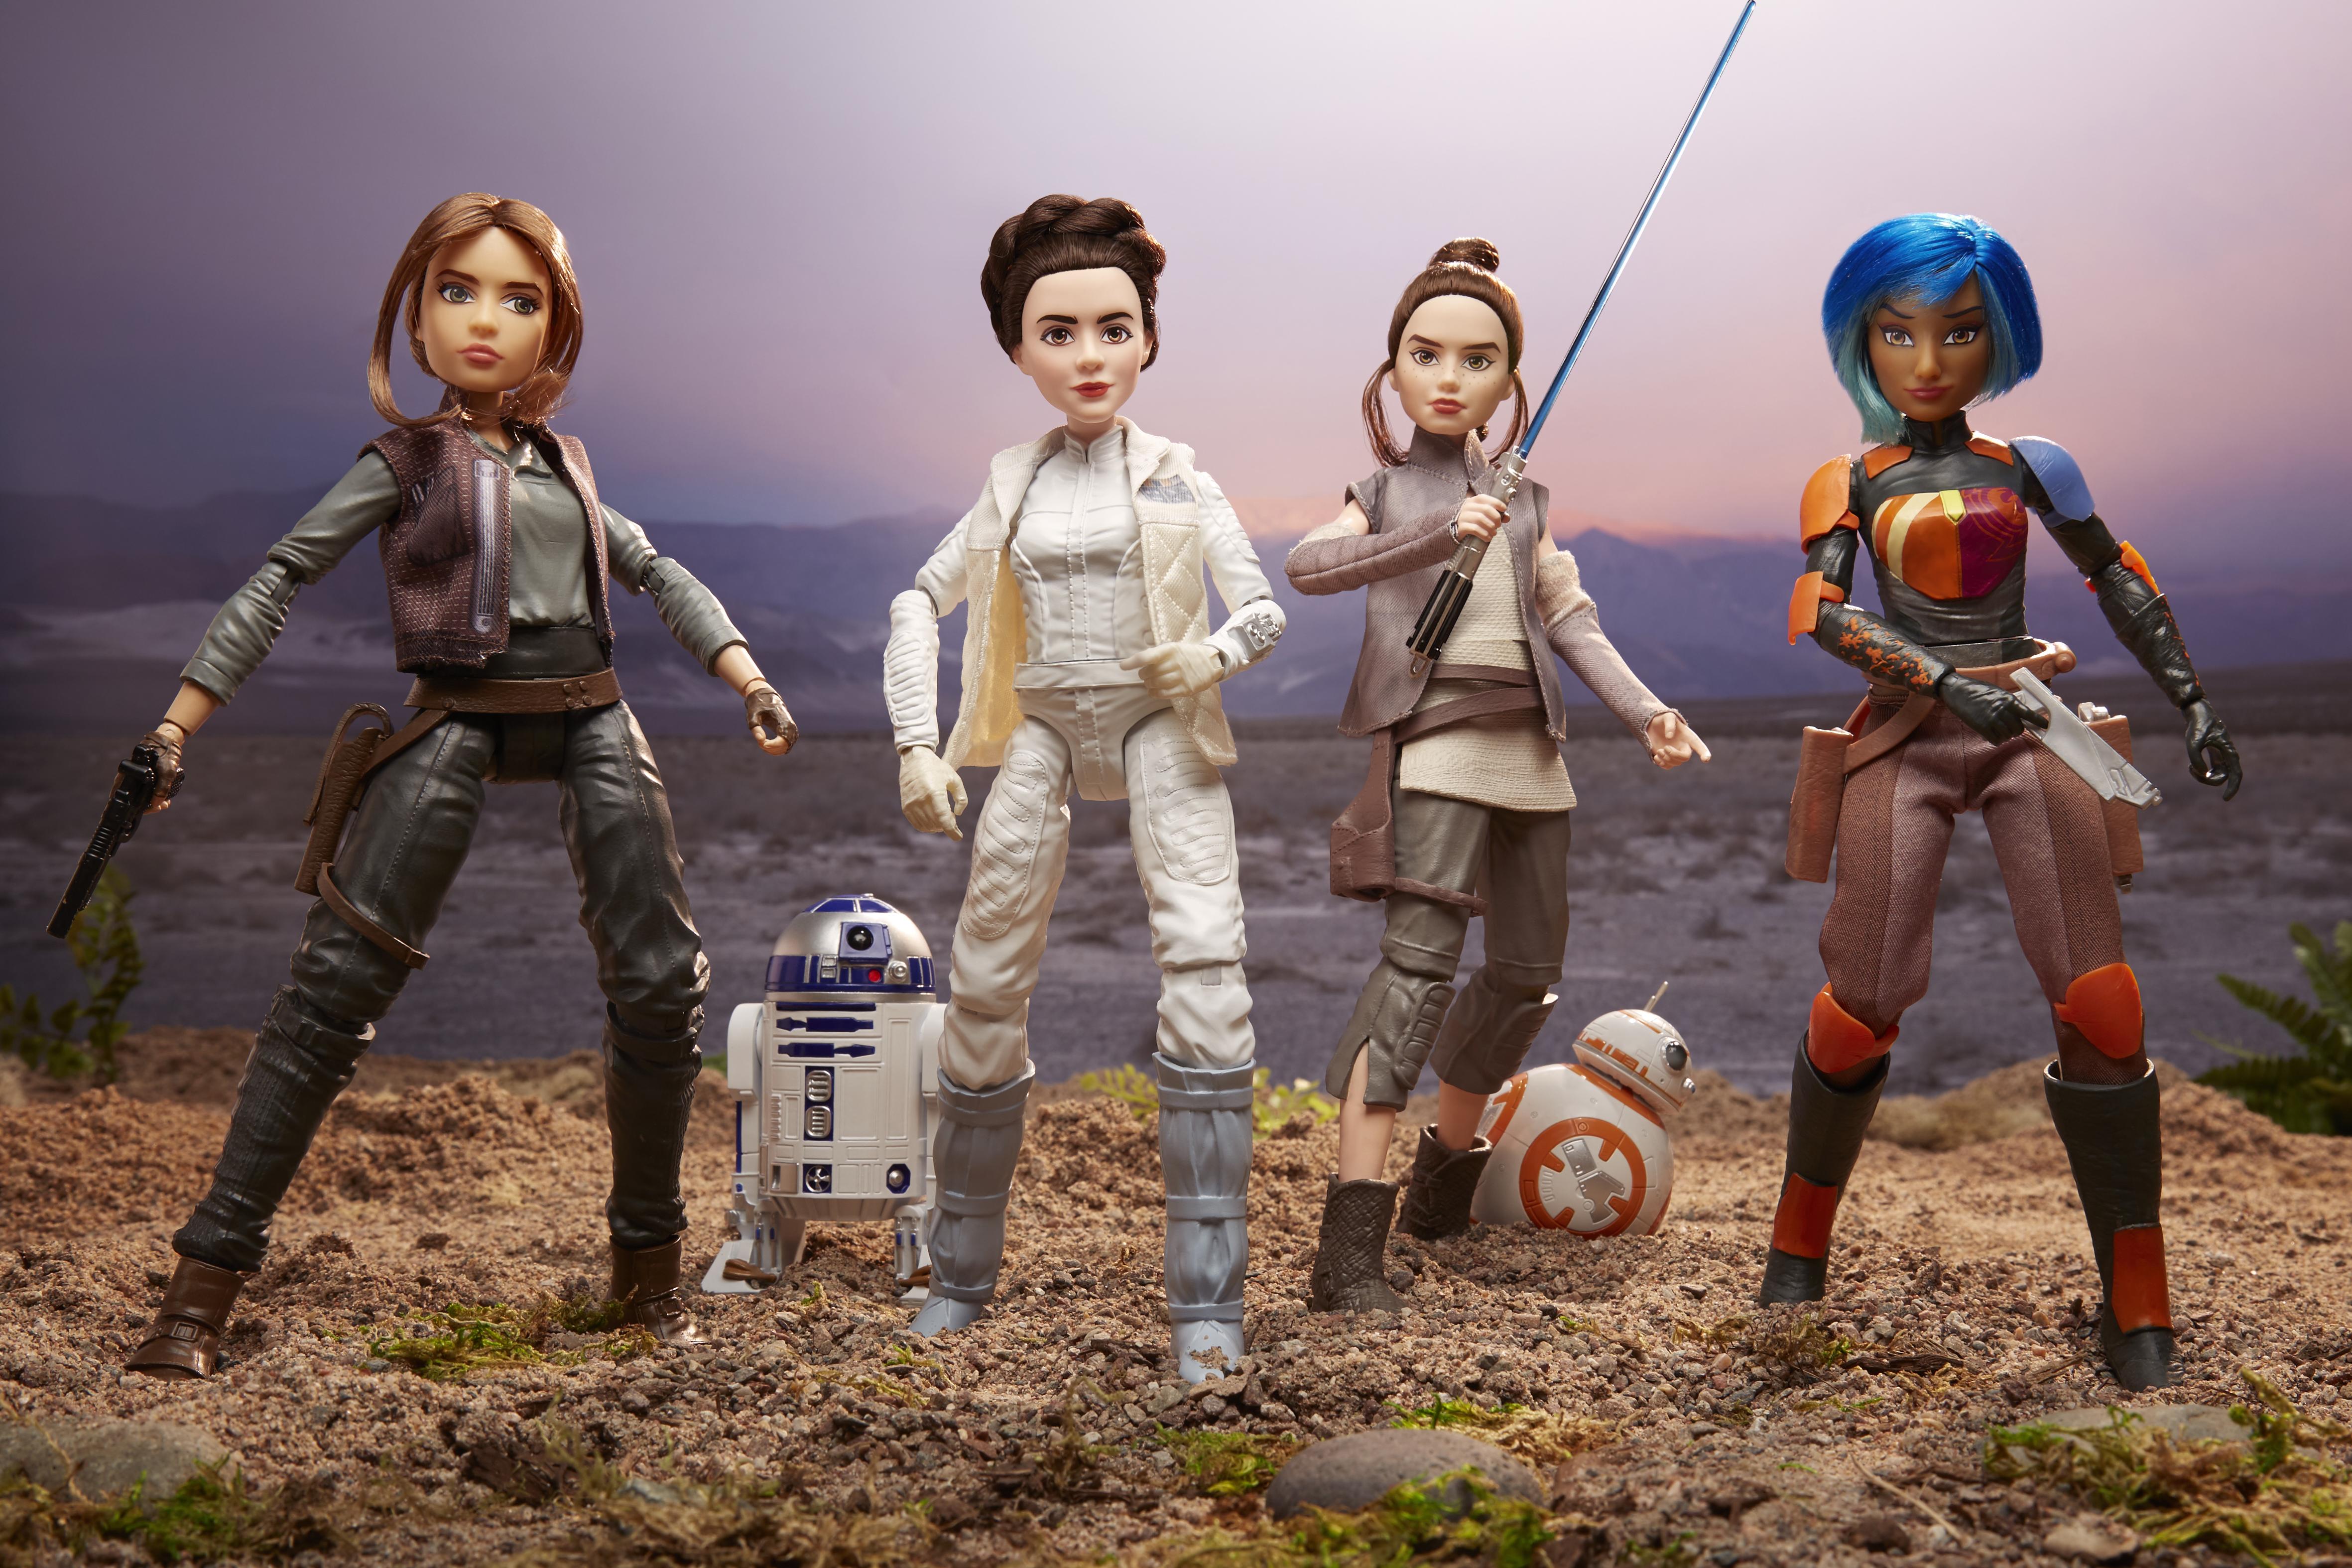 Bonecas Star Wars - Forças do Destino